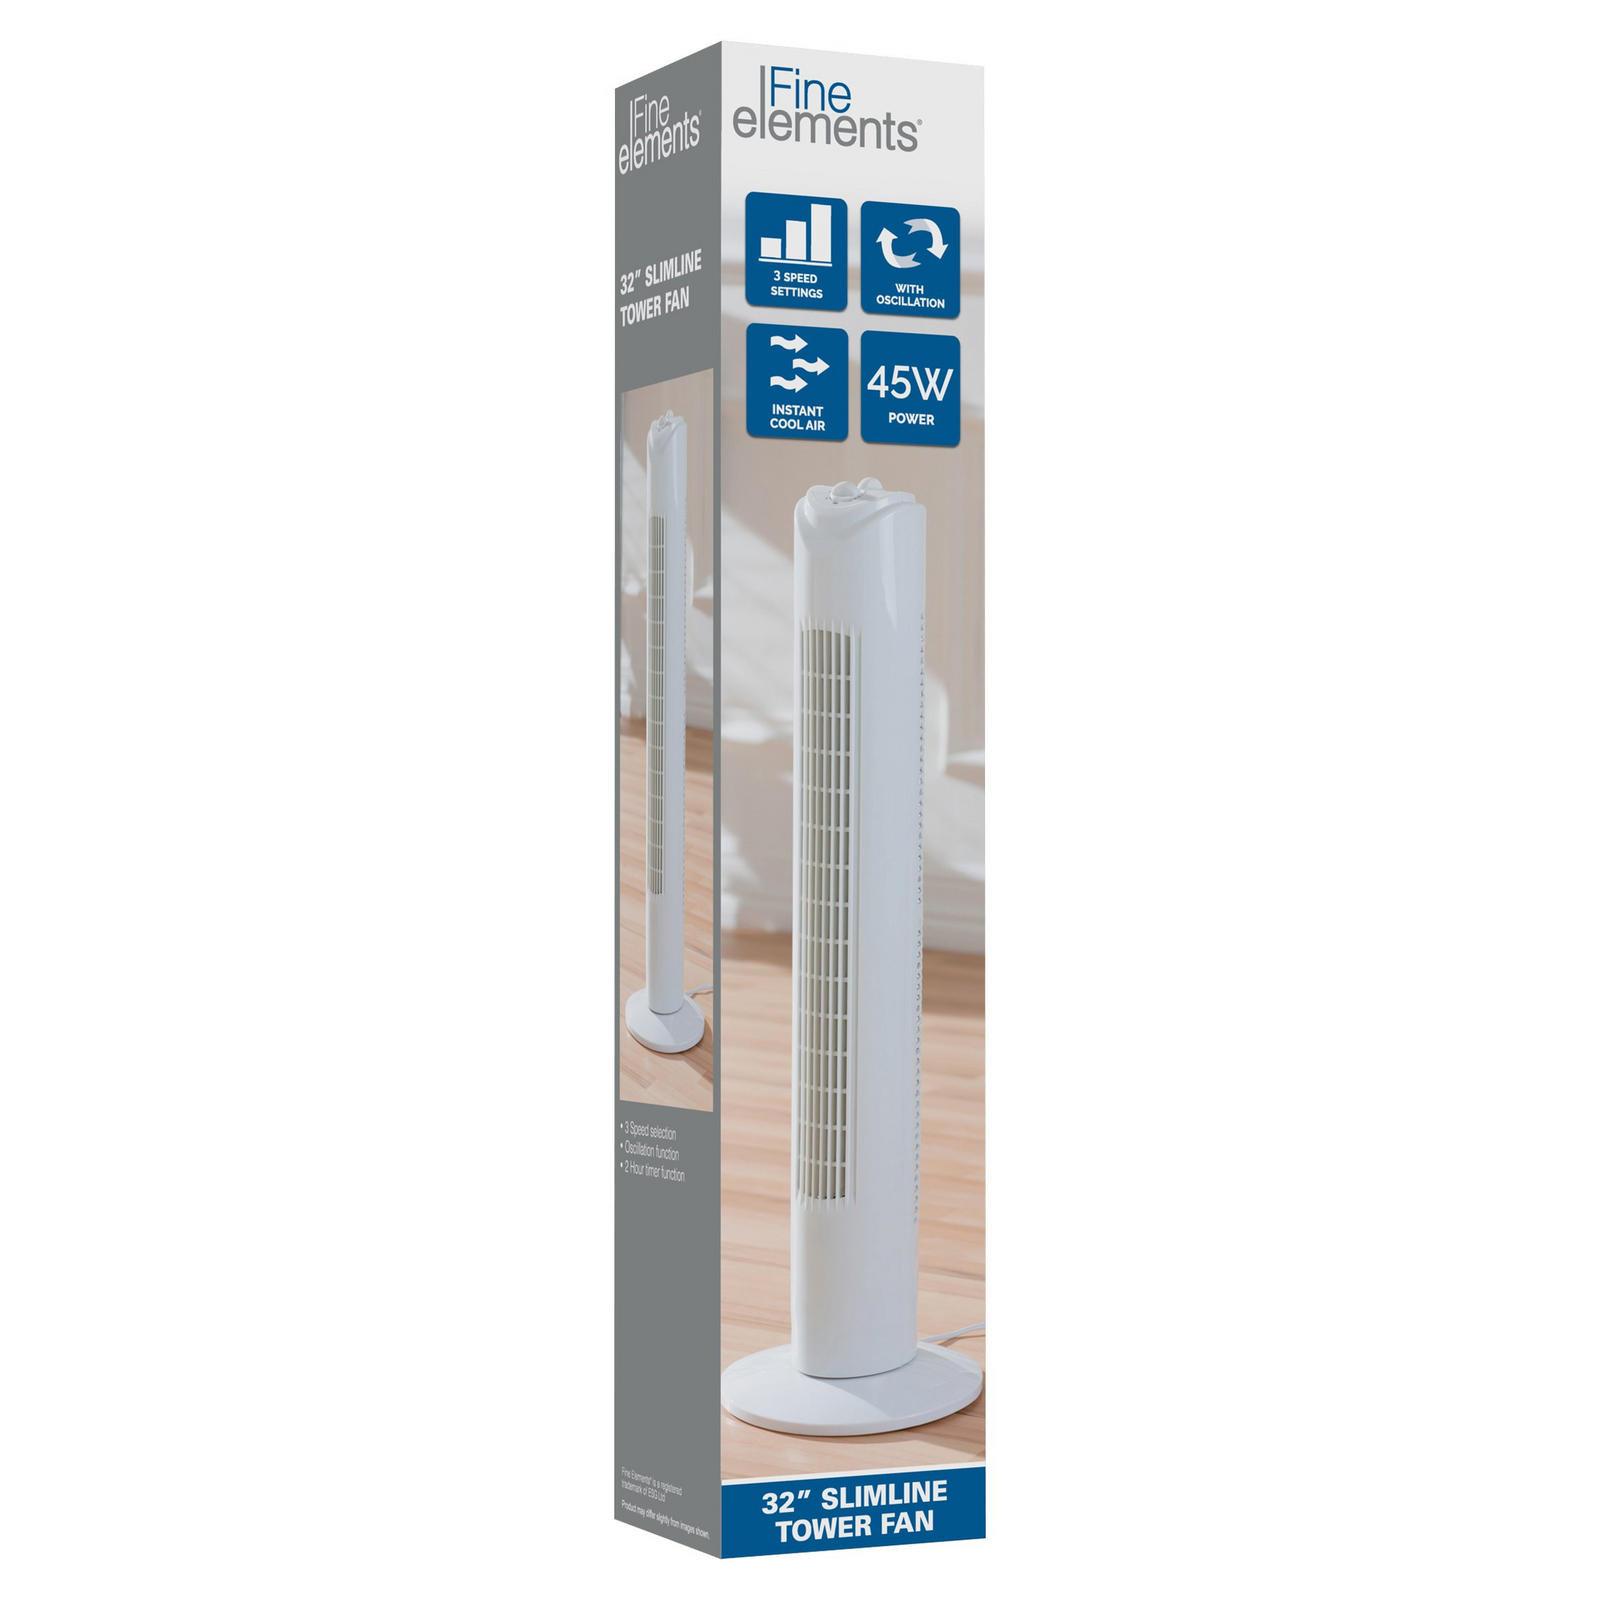 """Fine Elements 32"""" Slimeline Tower Fan £19.99 @ The food Warehouse Mold, Flintshire"""